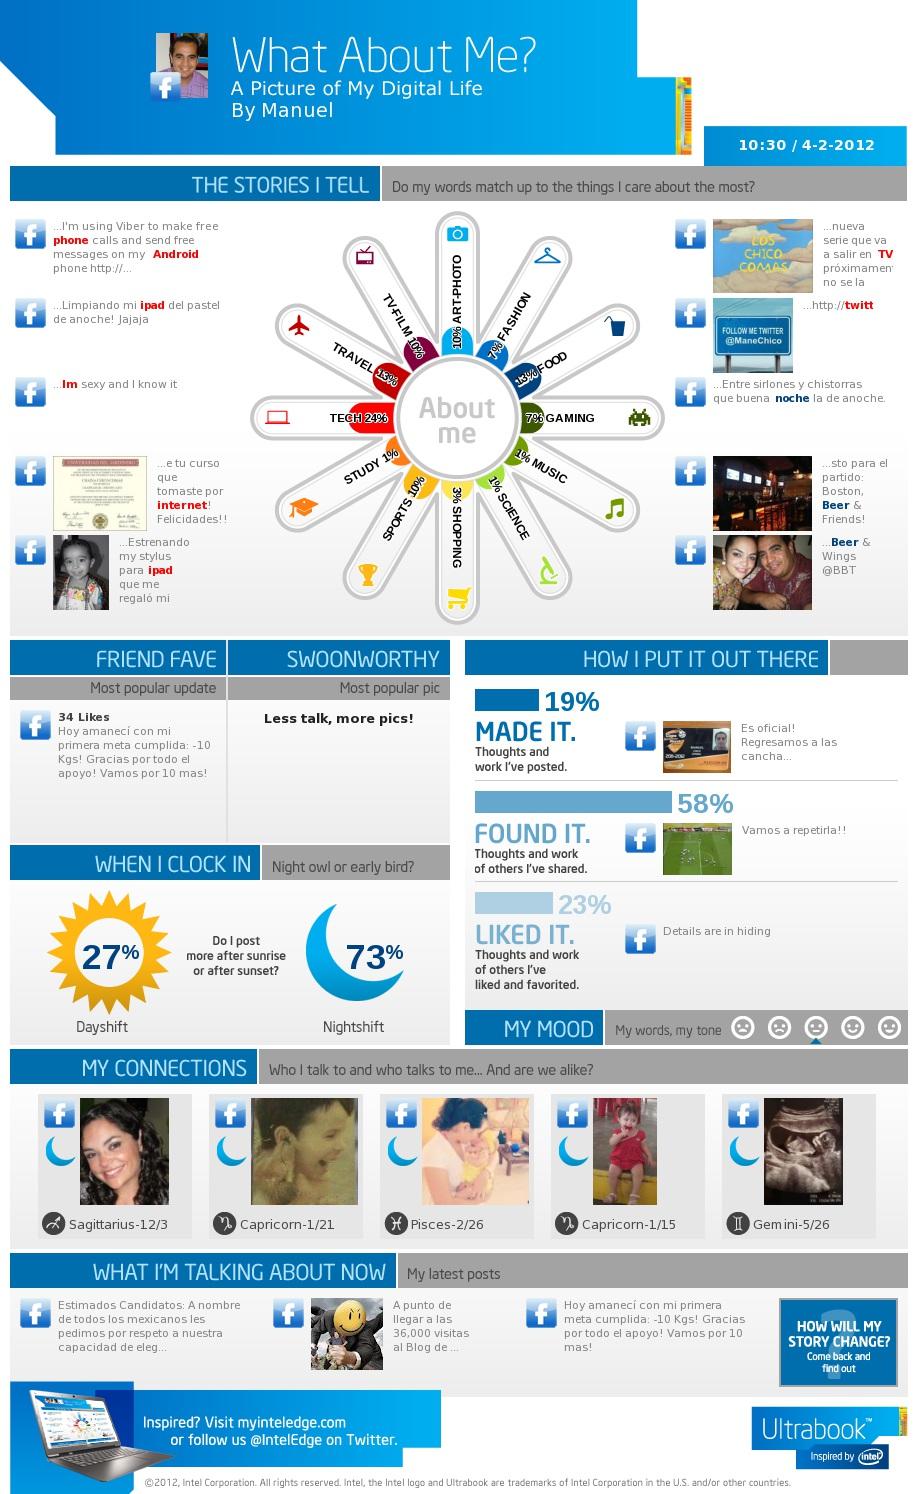 Echa un vistazo a mi perfil social!